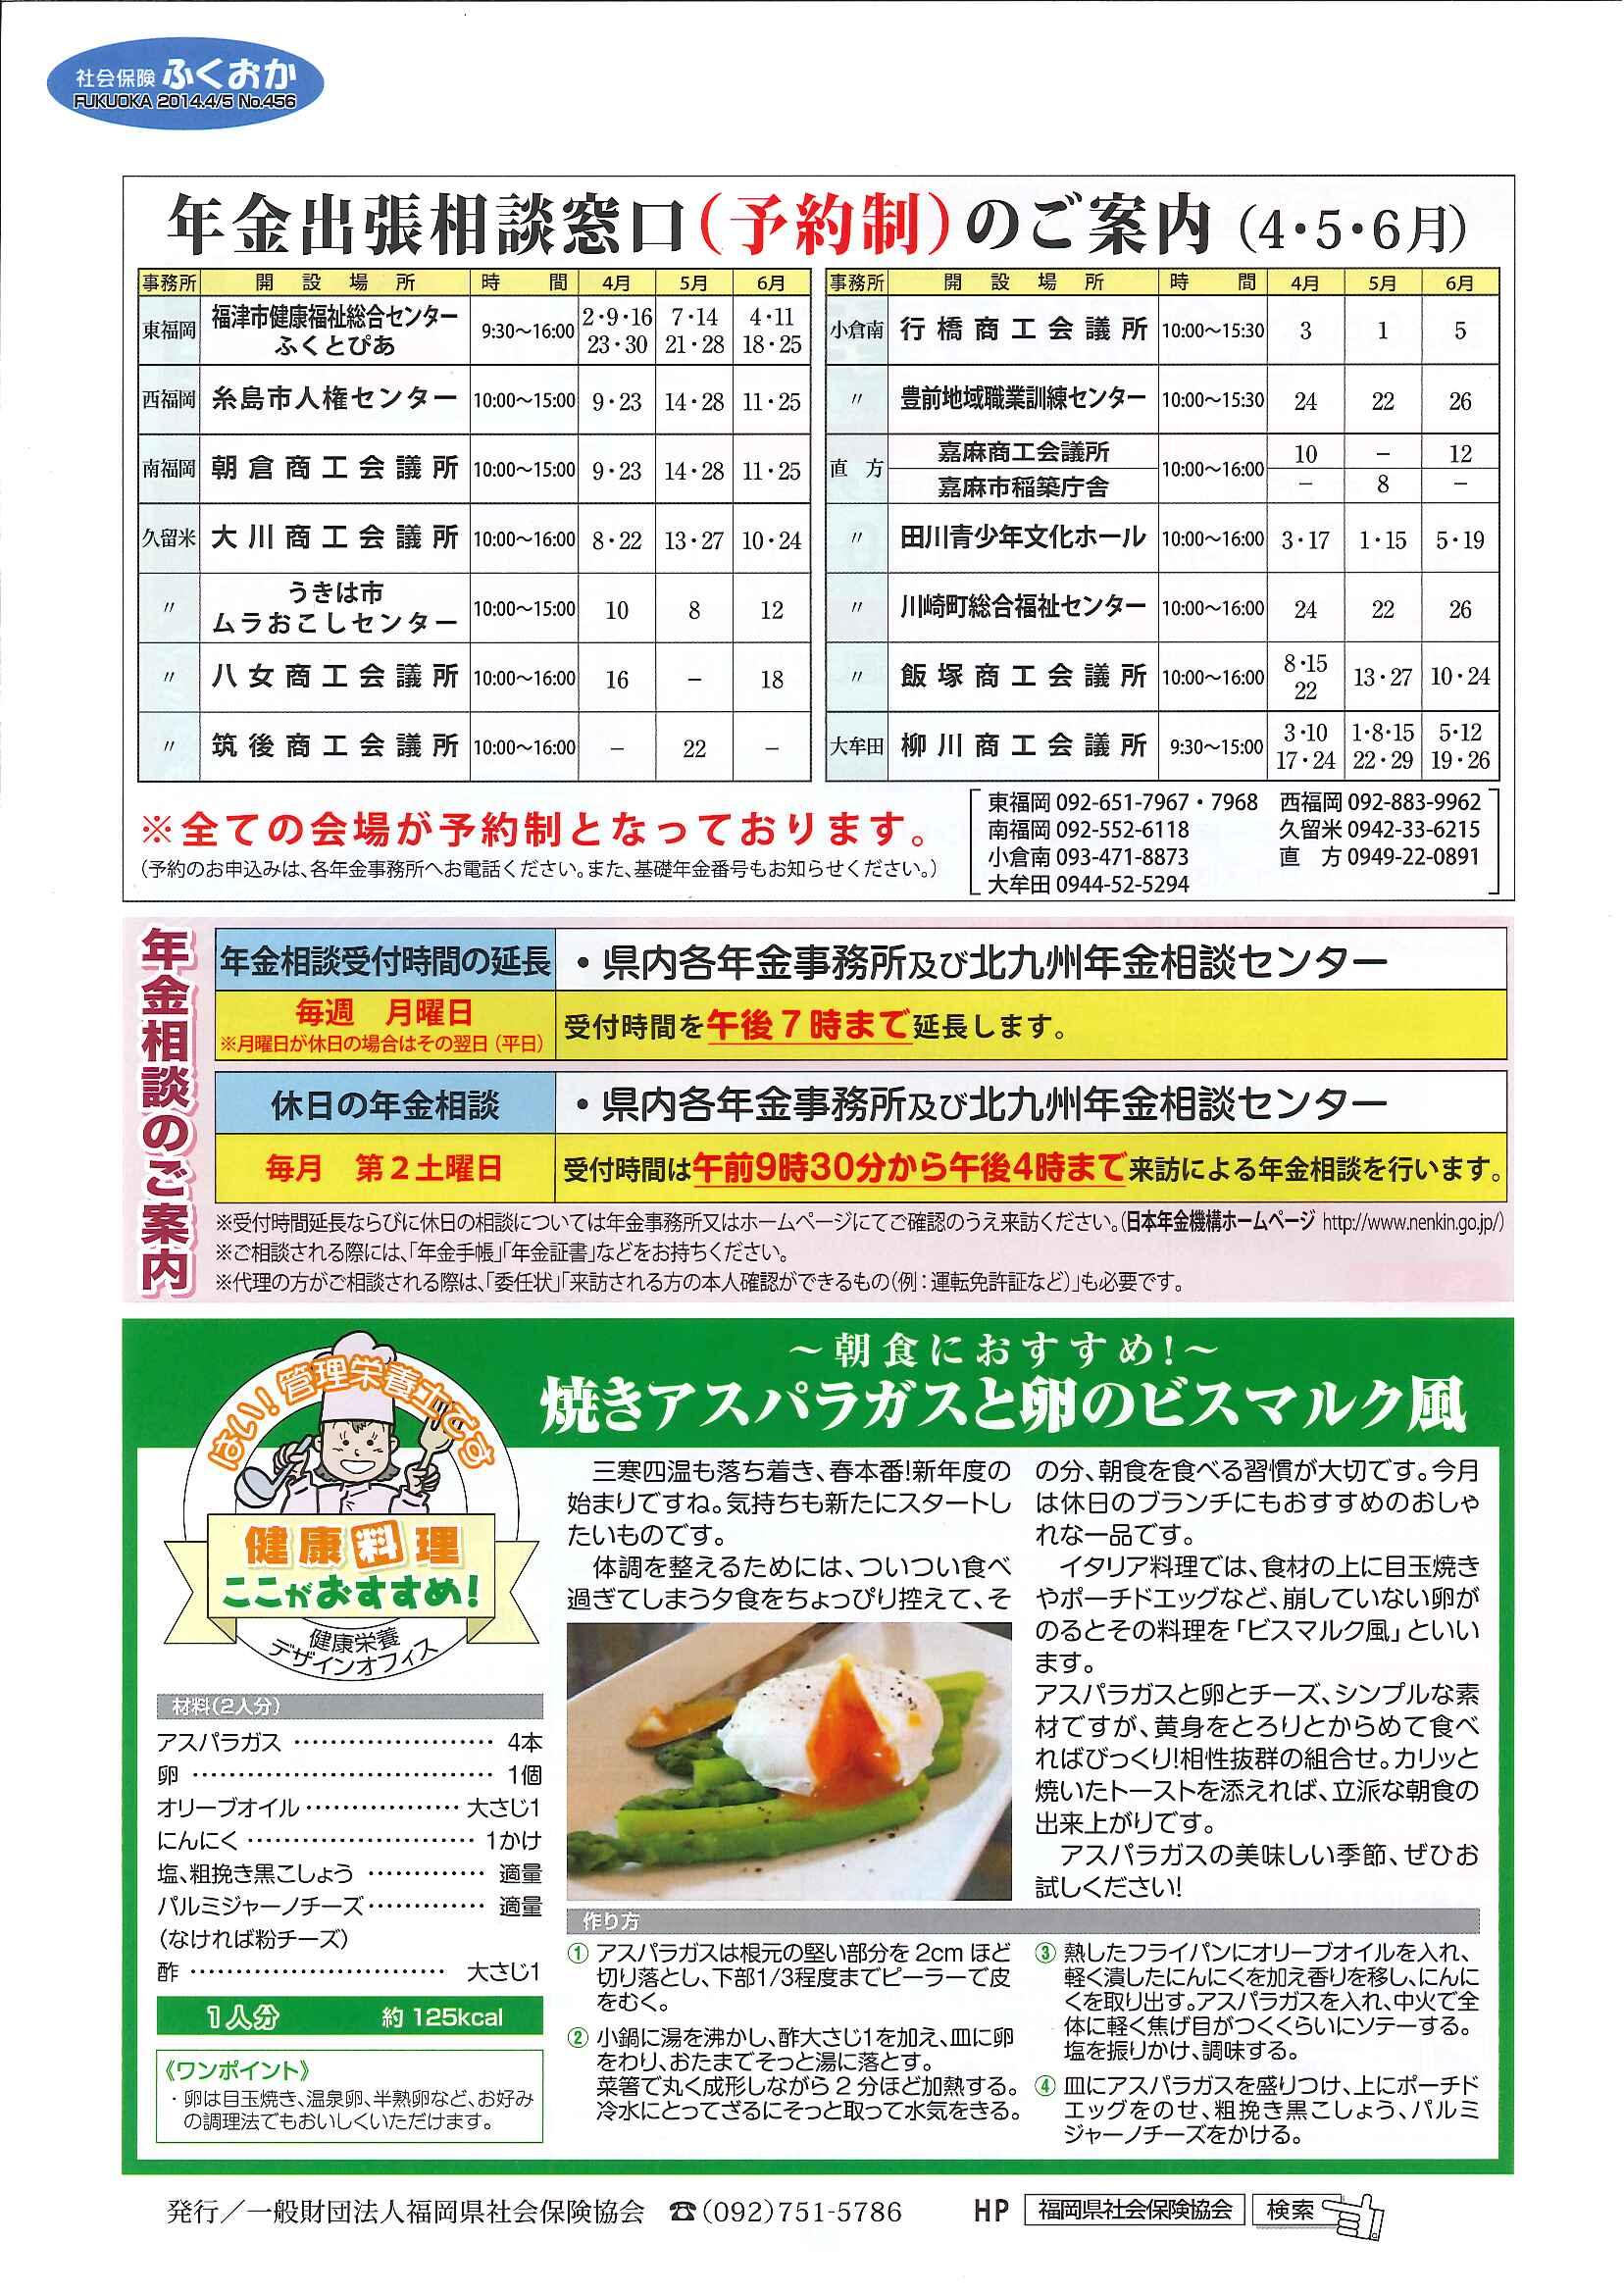 社会保険 ふくおか 2014年4・5月号_f0120774_1505433.jpg